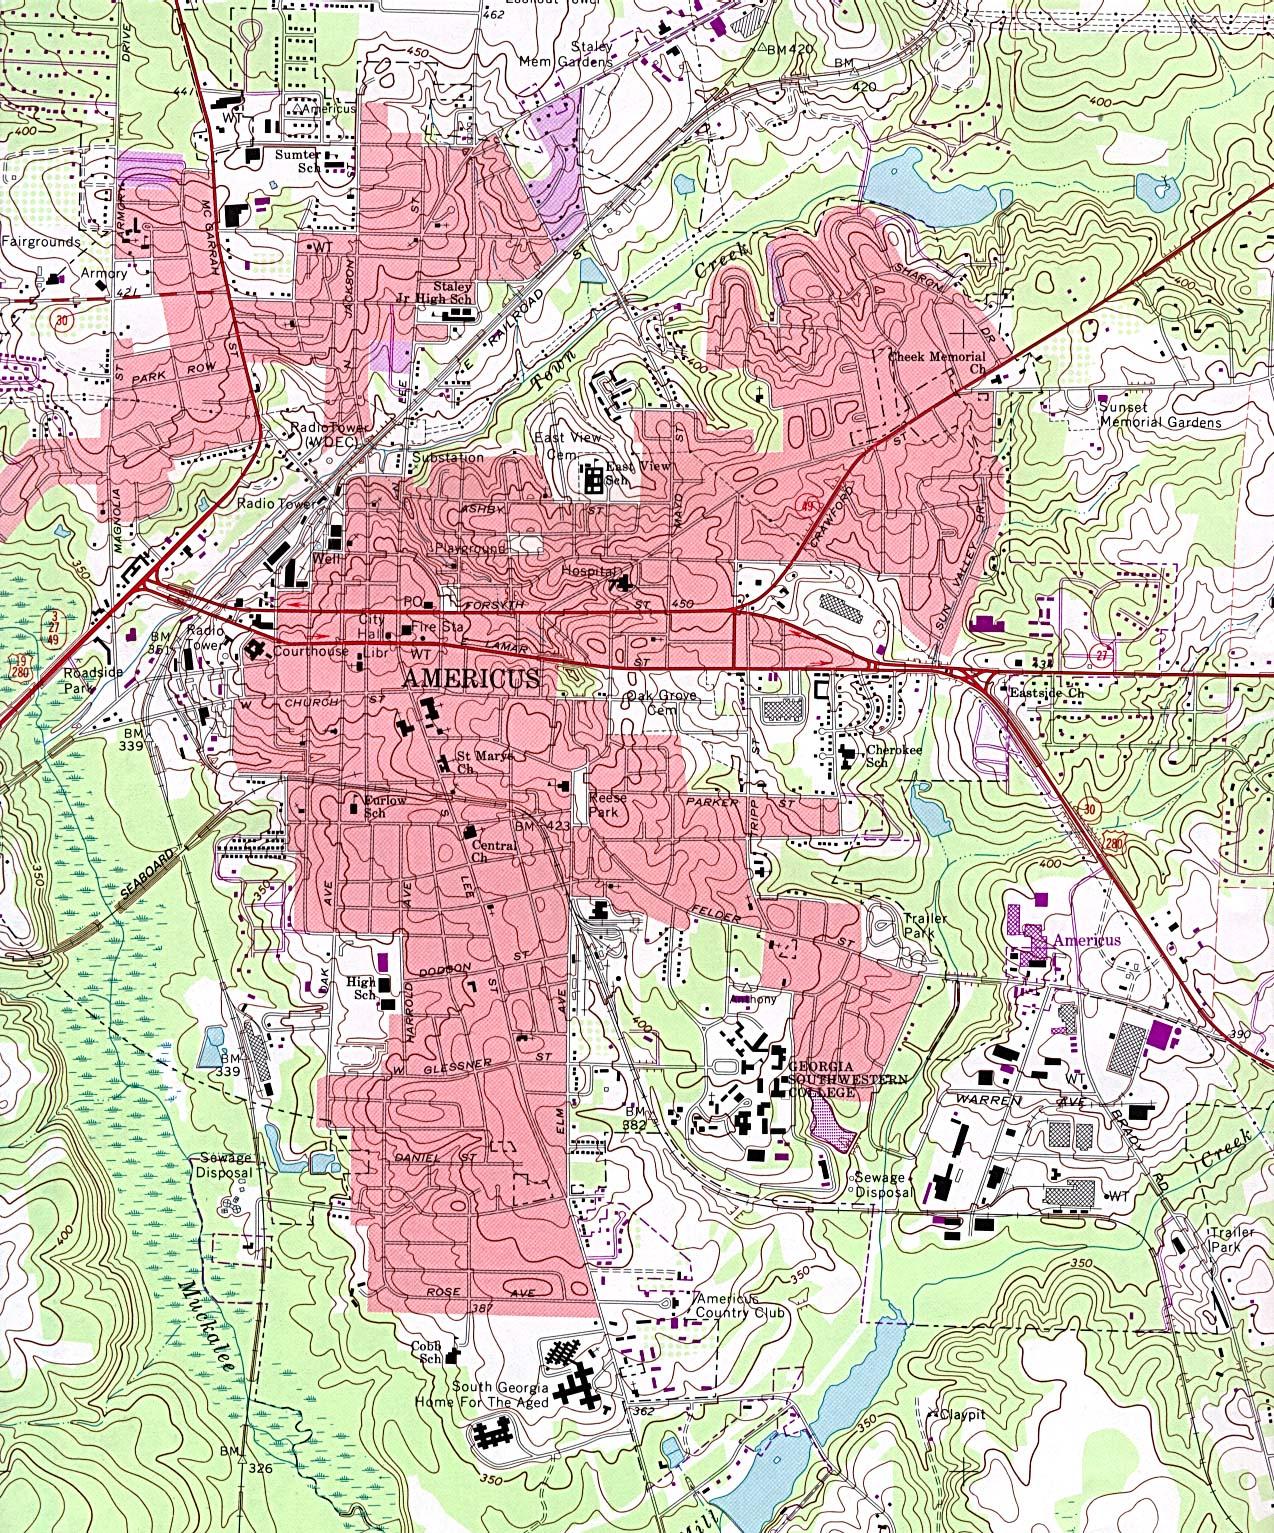 Mapa Topográfico de la Ciudad de Americus, Georgia, Estados Unidos